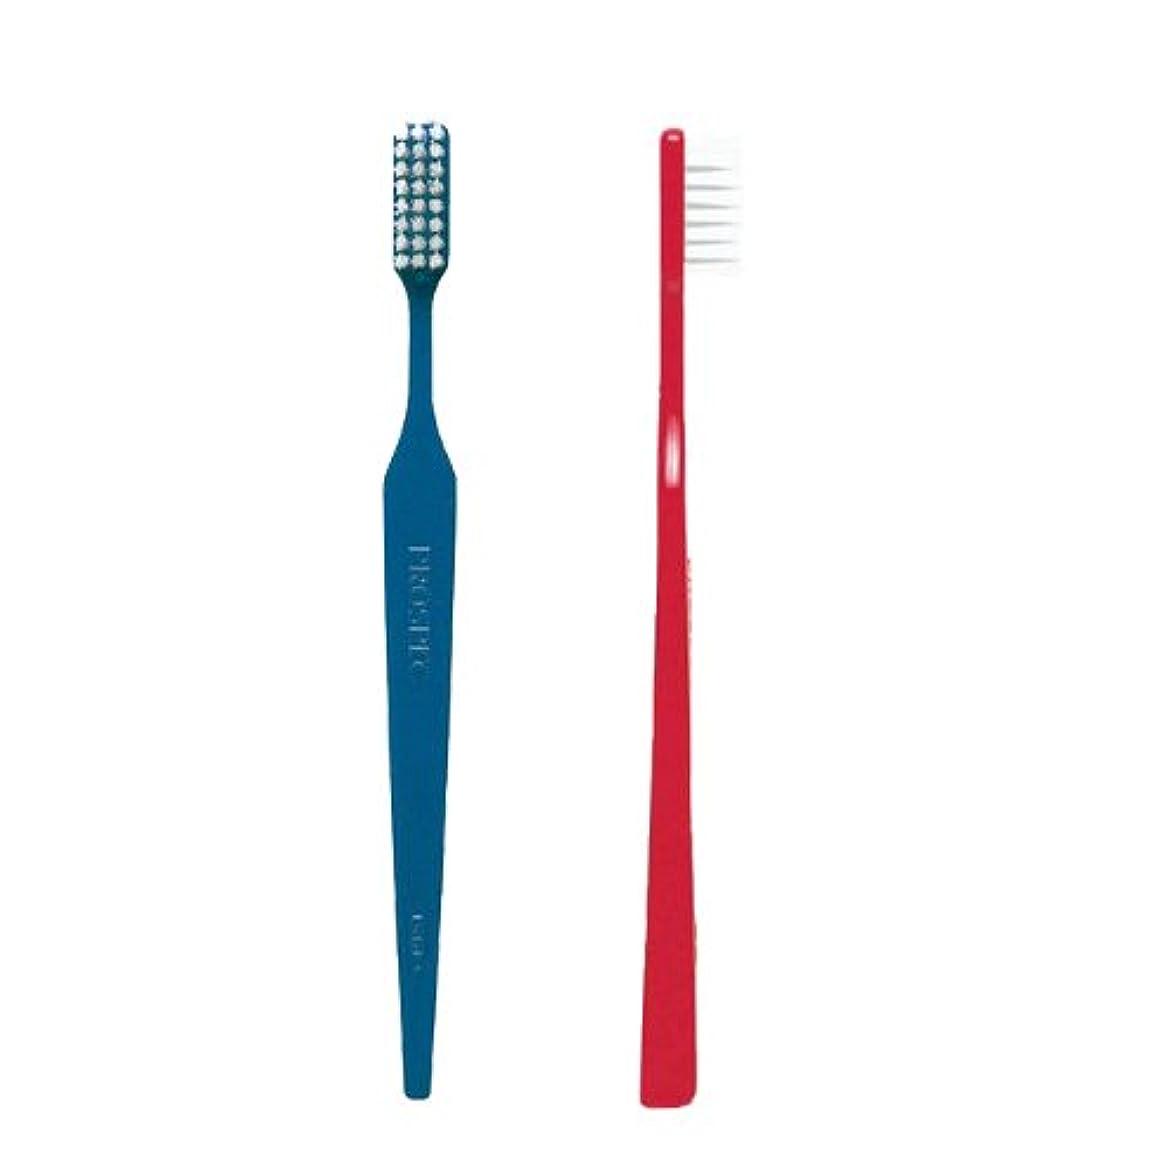 疑い市区町村異常なGC ジーシープロスペック歯ブラシ アダルト× 5本セット H(かため)